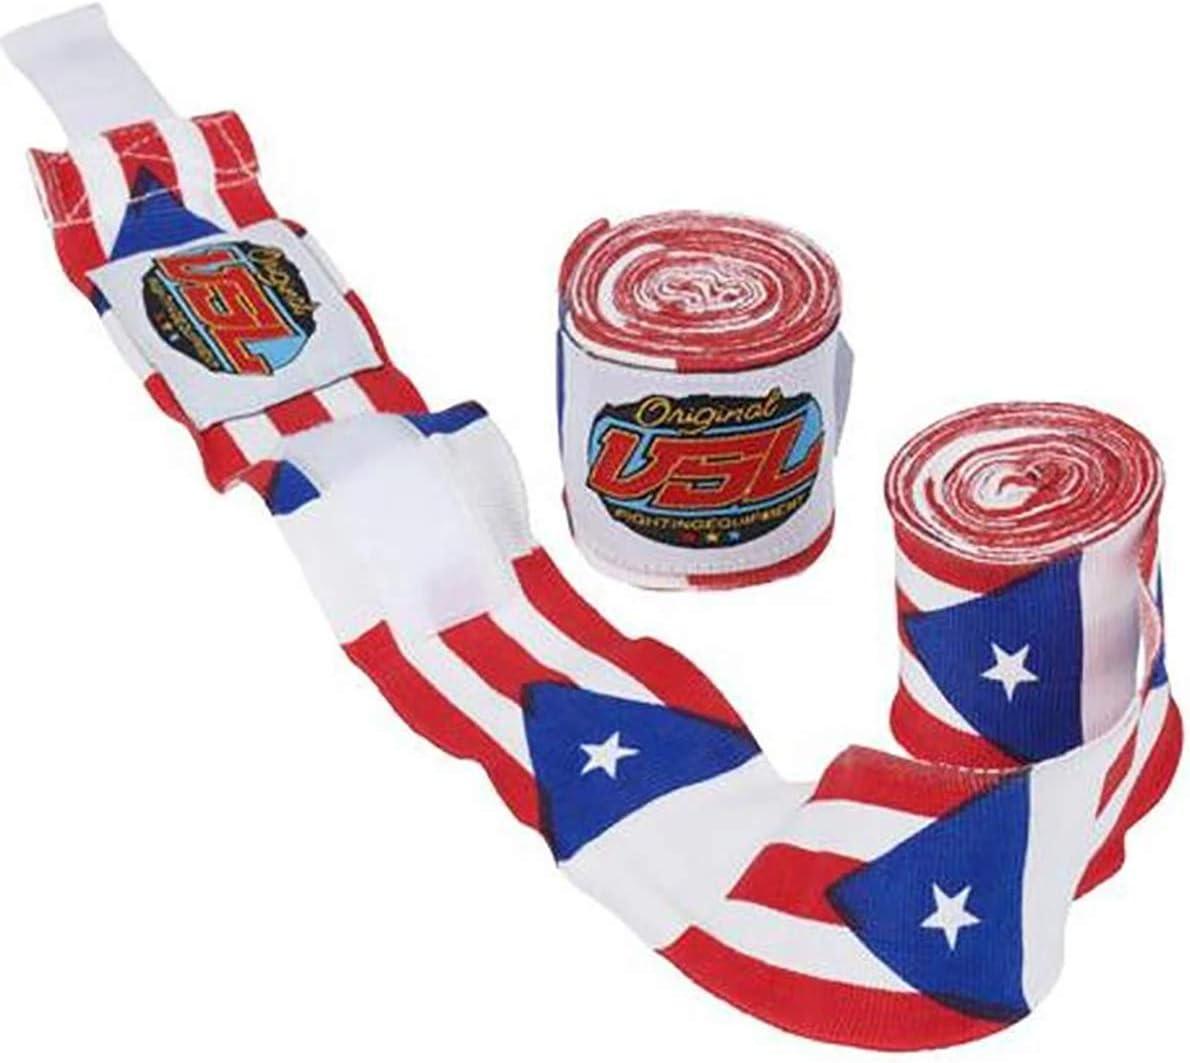 Bandera de las Naciones Boxeo, MMA, Muay Thai, vendajes de mano por VSL Fattle (EE.UU., Canadá, China, Tailandia, Israel, Ucrania, Italia, Francia, Puerto Rico, Gran Bretaña), 180